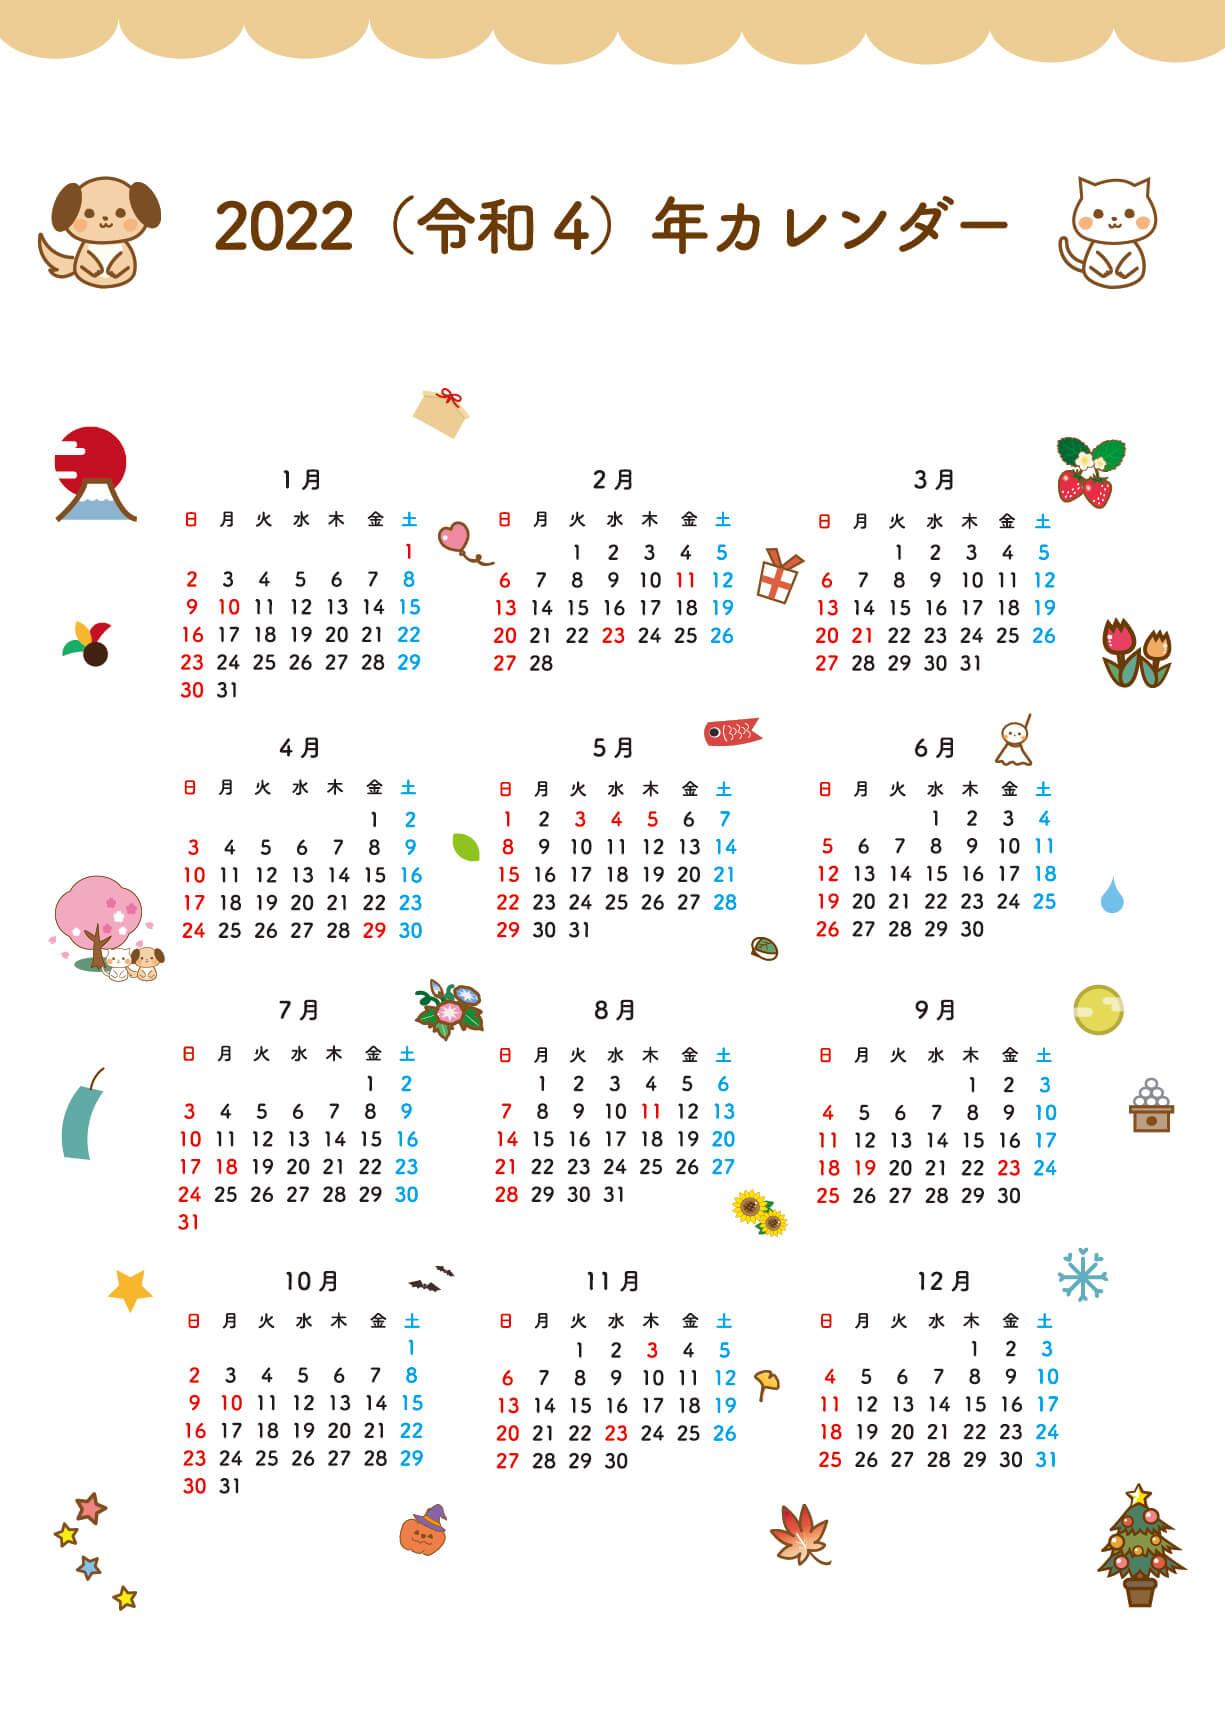 2022年カレンダー(かわいい系)